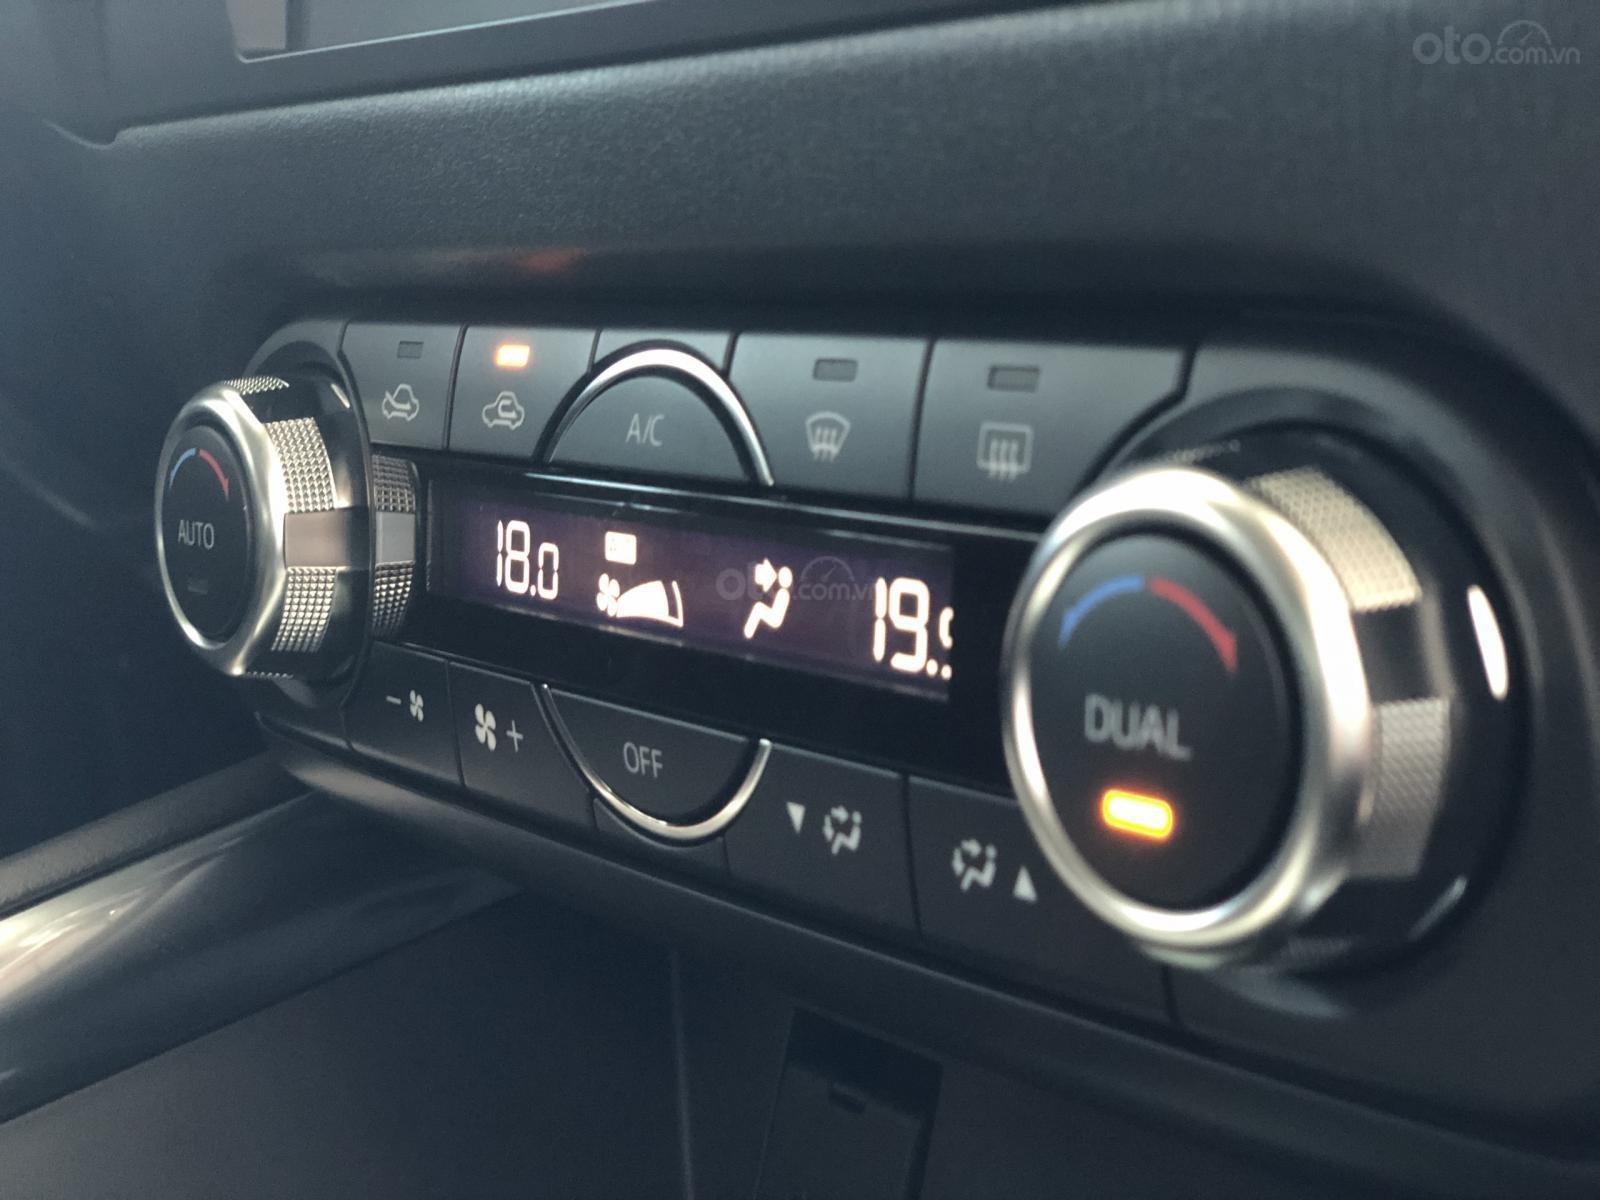 Nhanh tay sở hữu Mazda 6 2.0 Premium 2019 - Ưu đãi hấp dẫn - Hỗ trợ ngân hàng tối đa 80% giá trị xe-6